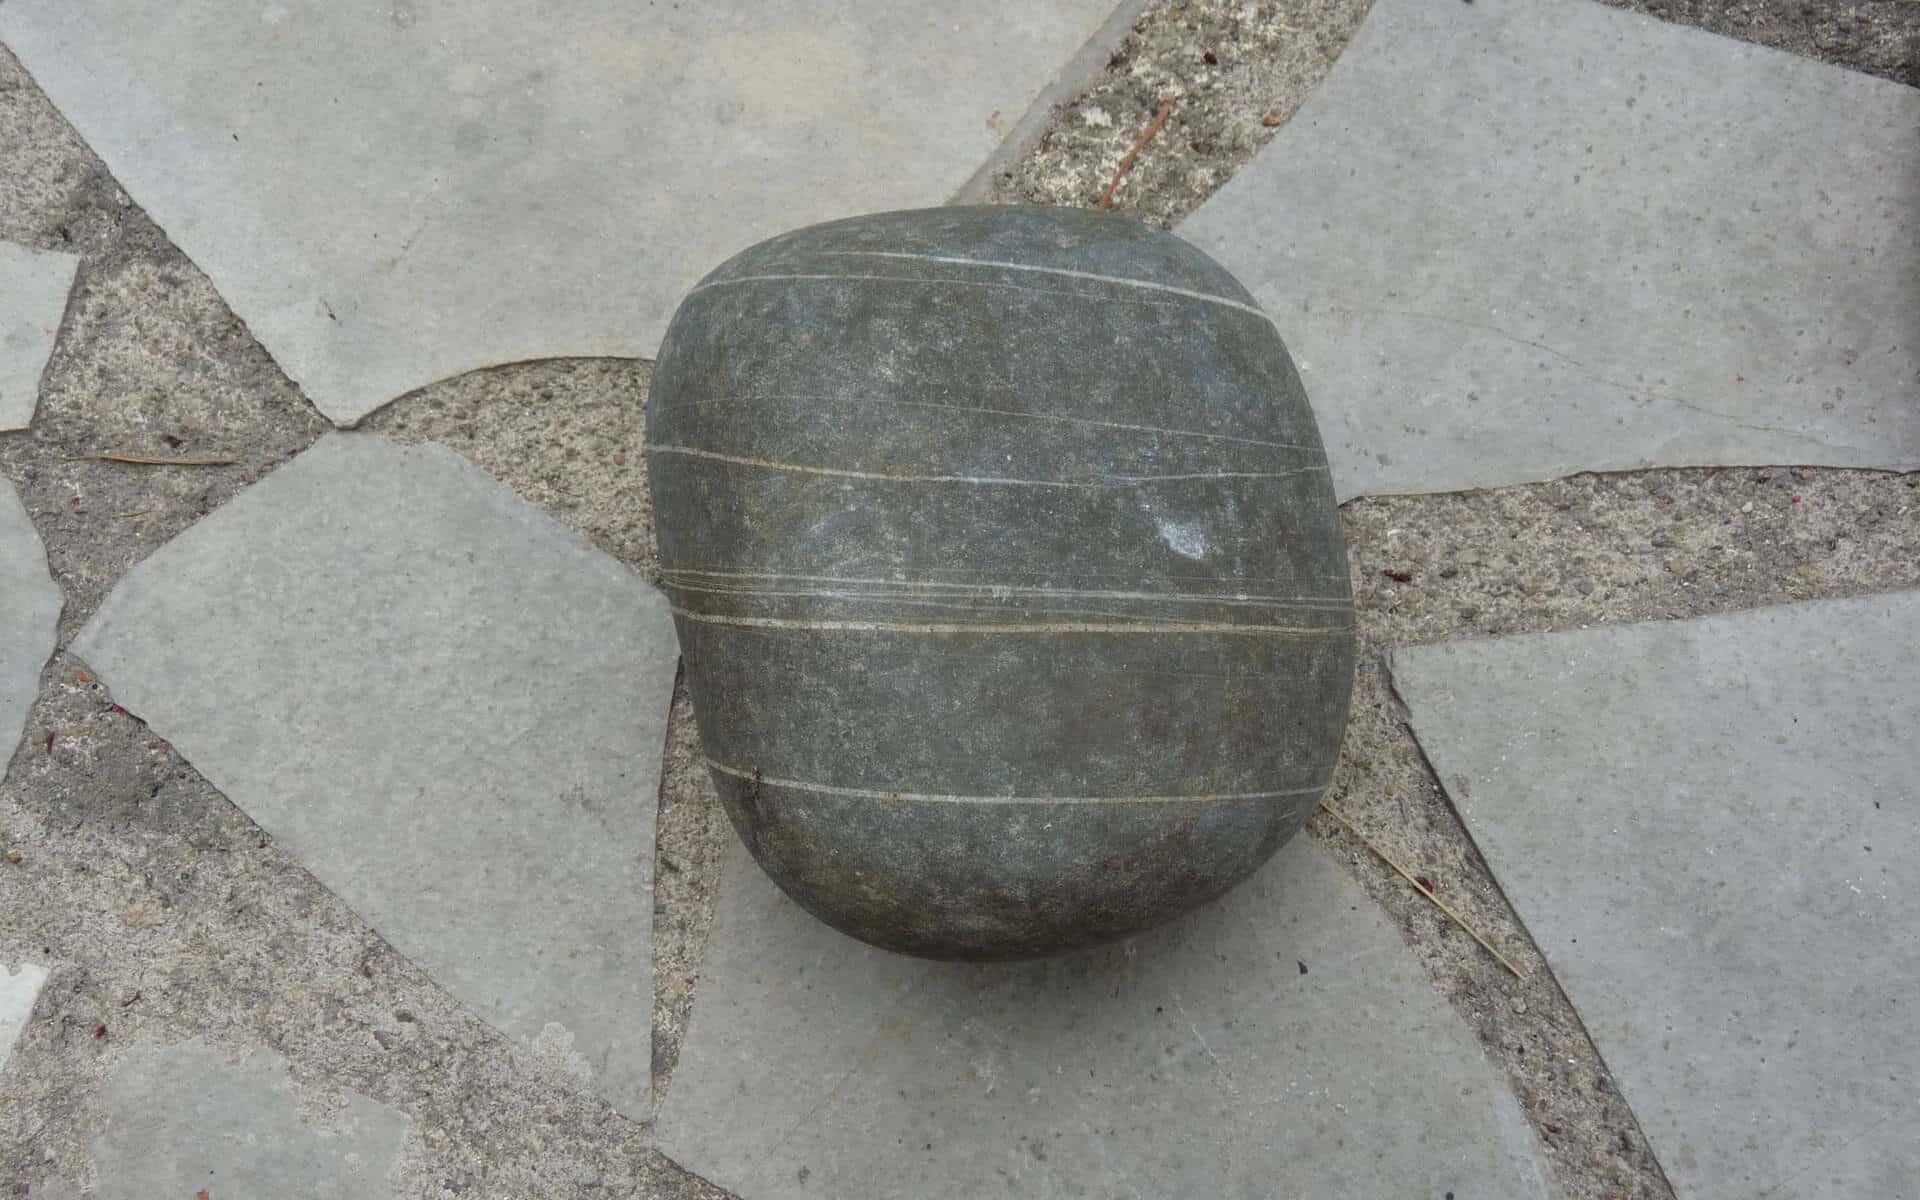 Utilisez des galets pour remplacer les pierres d'appui.